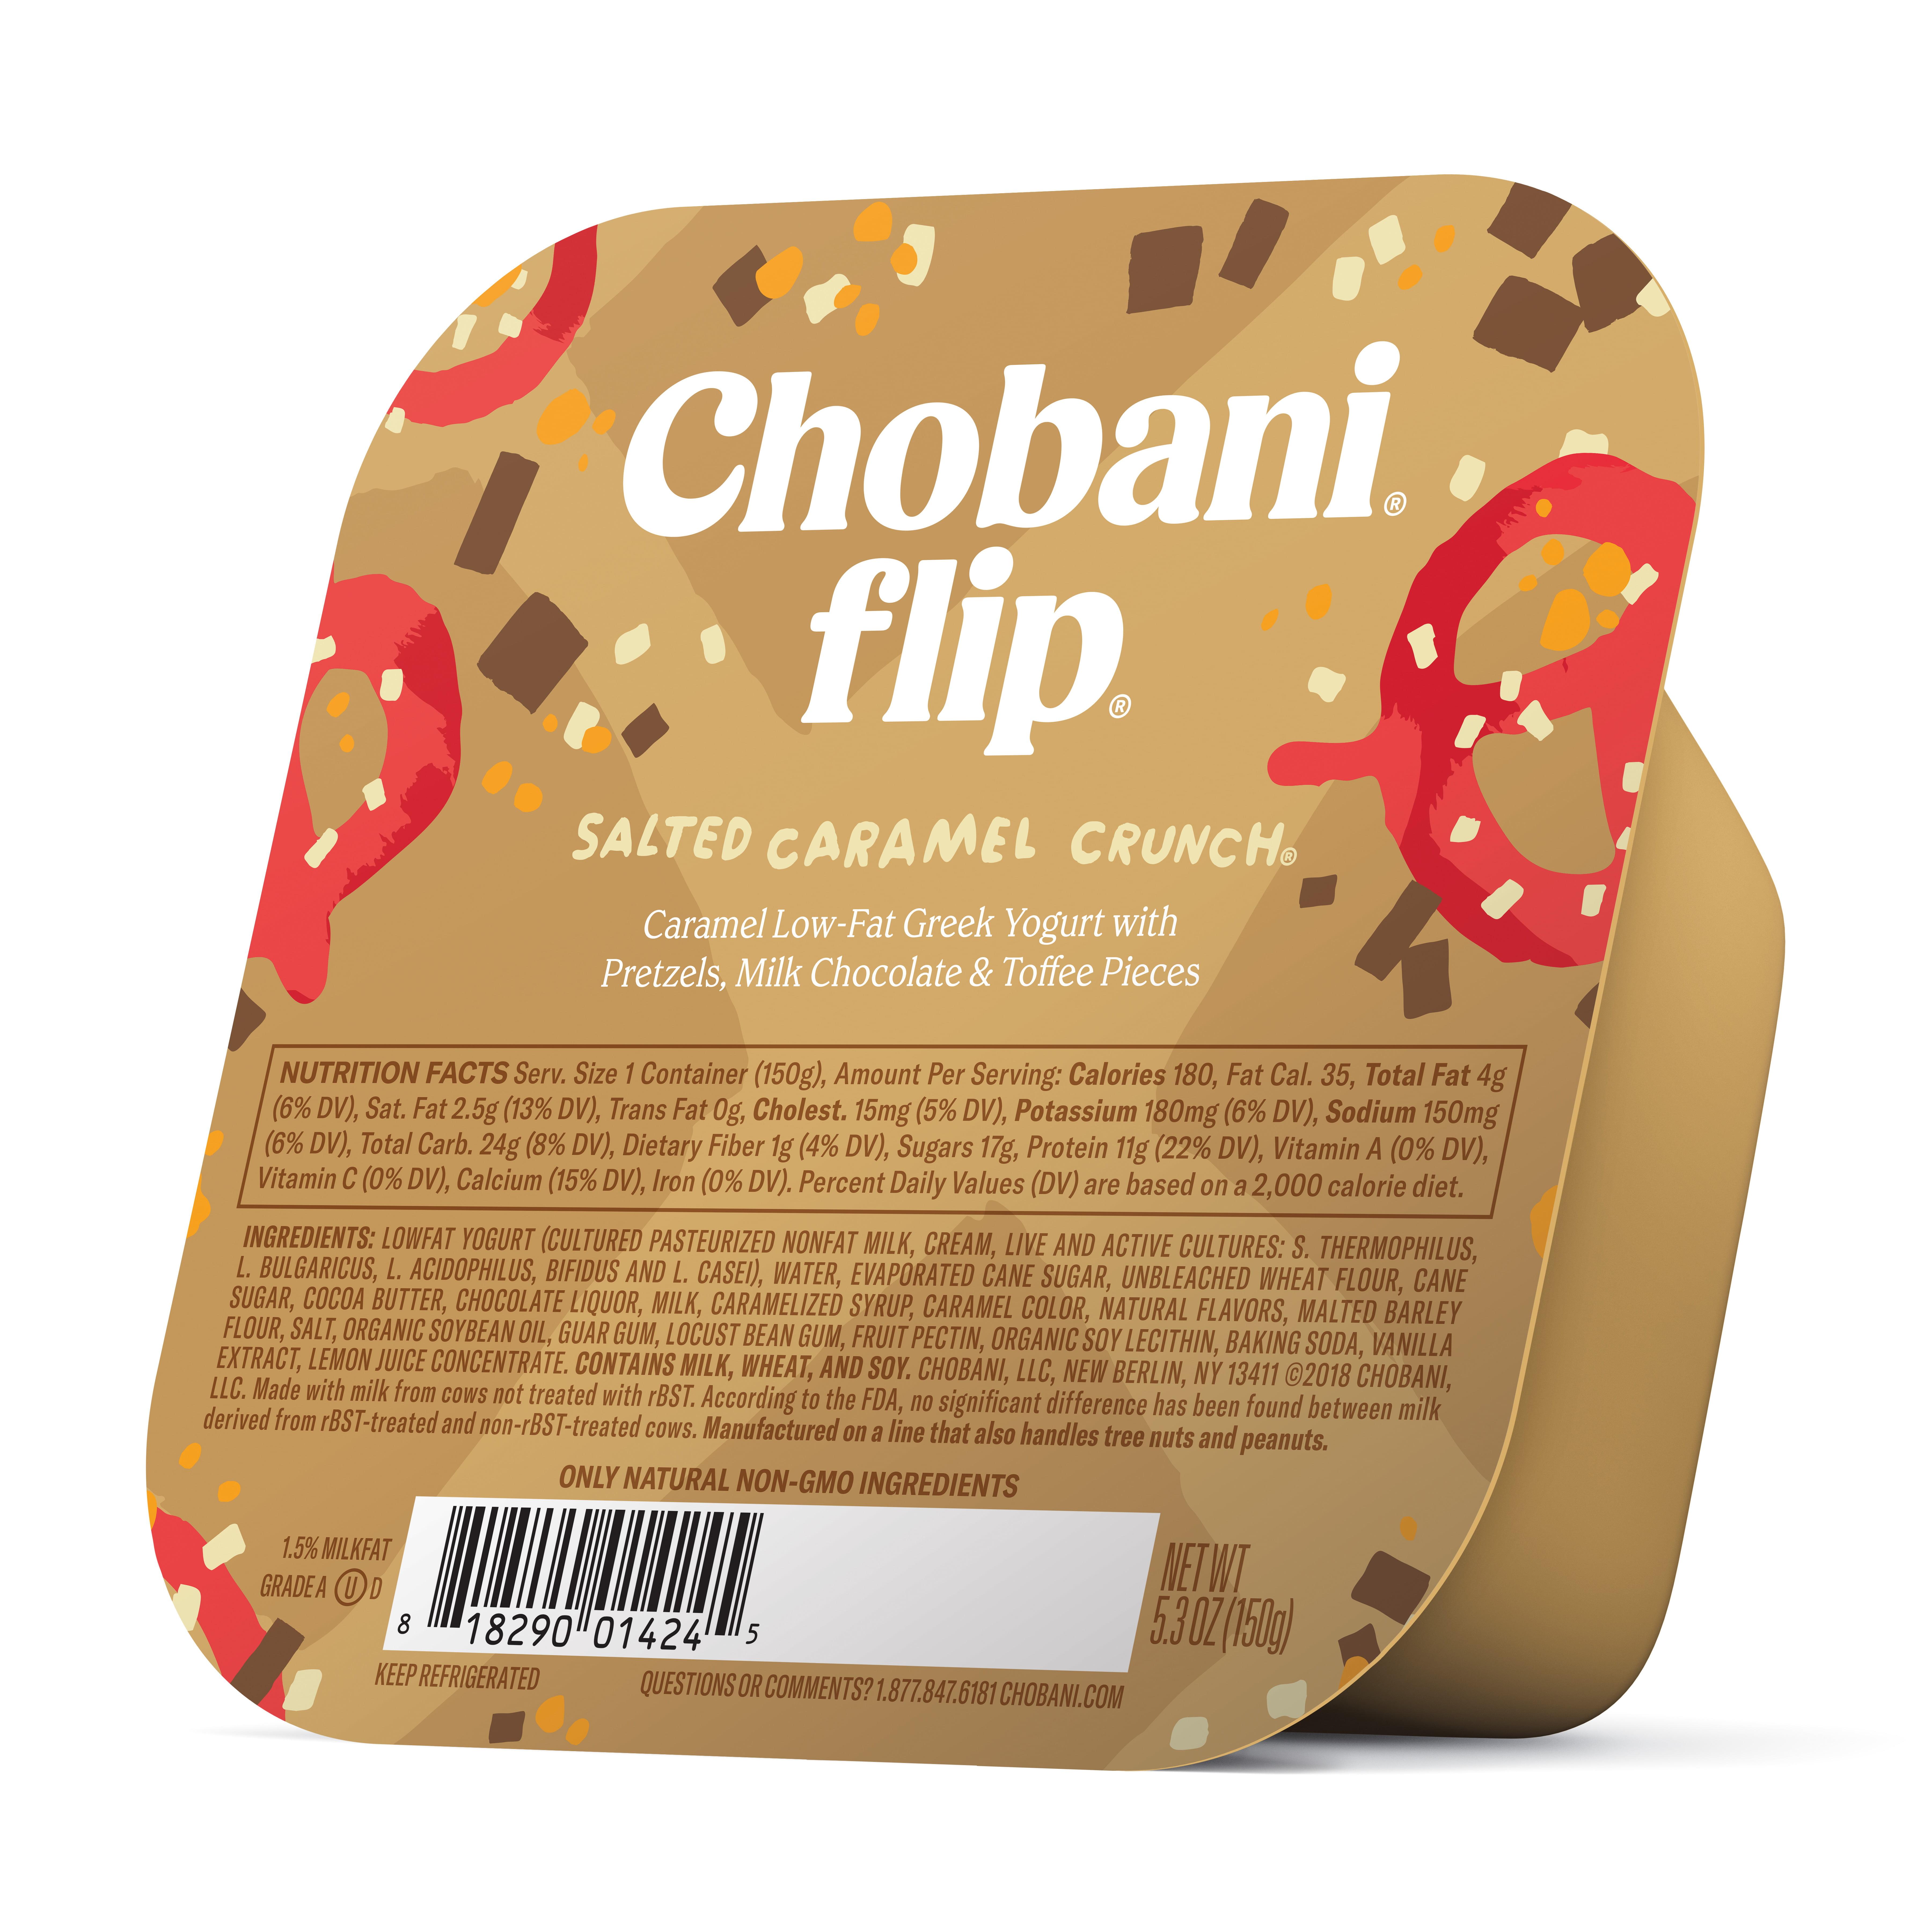 Chobani, Flip Salted Caramel Crunch Low-Fat Greek Yogurt, 5.3 oz